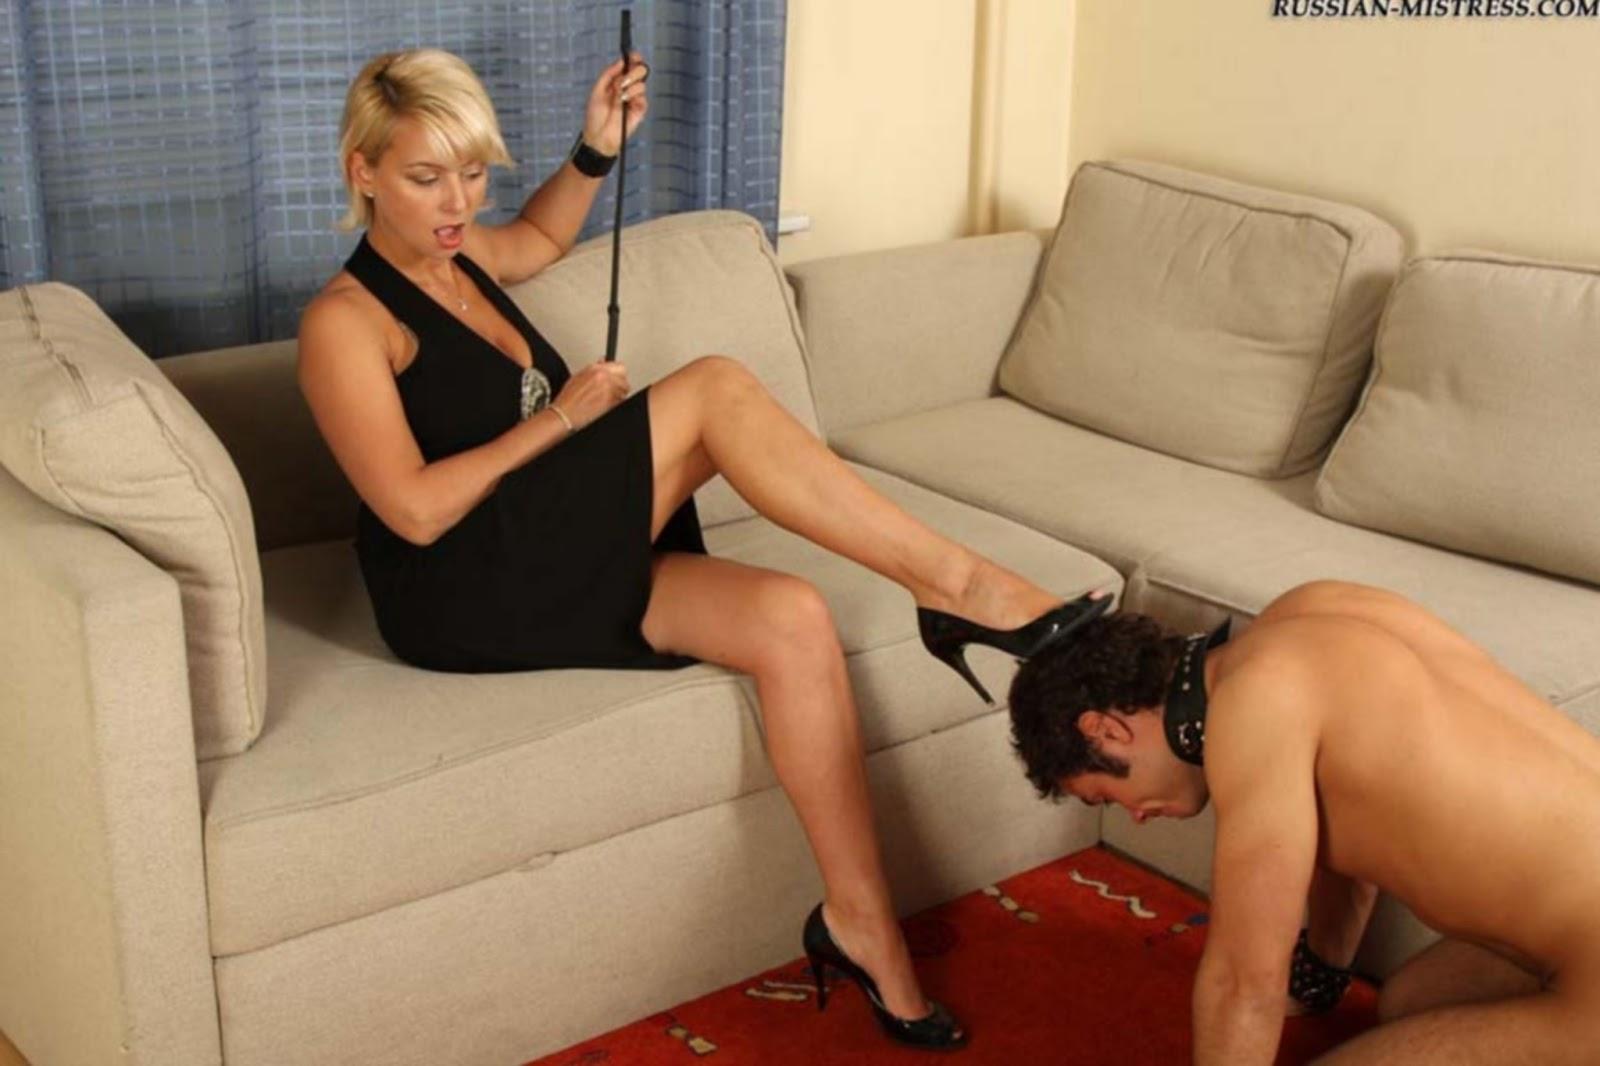 Унижение рабов госпожой порноролики, Унижение раба перед госпожей - видео 2 фотография